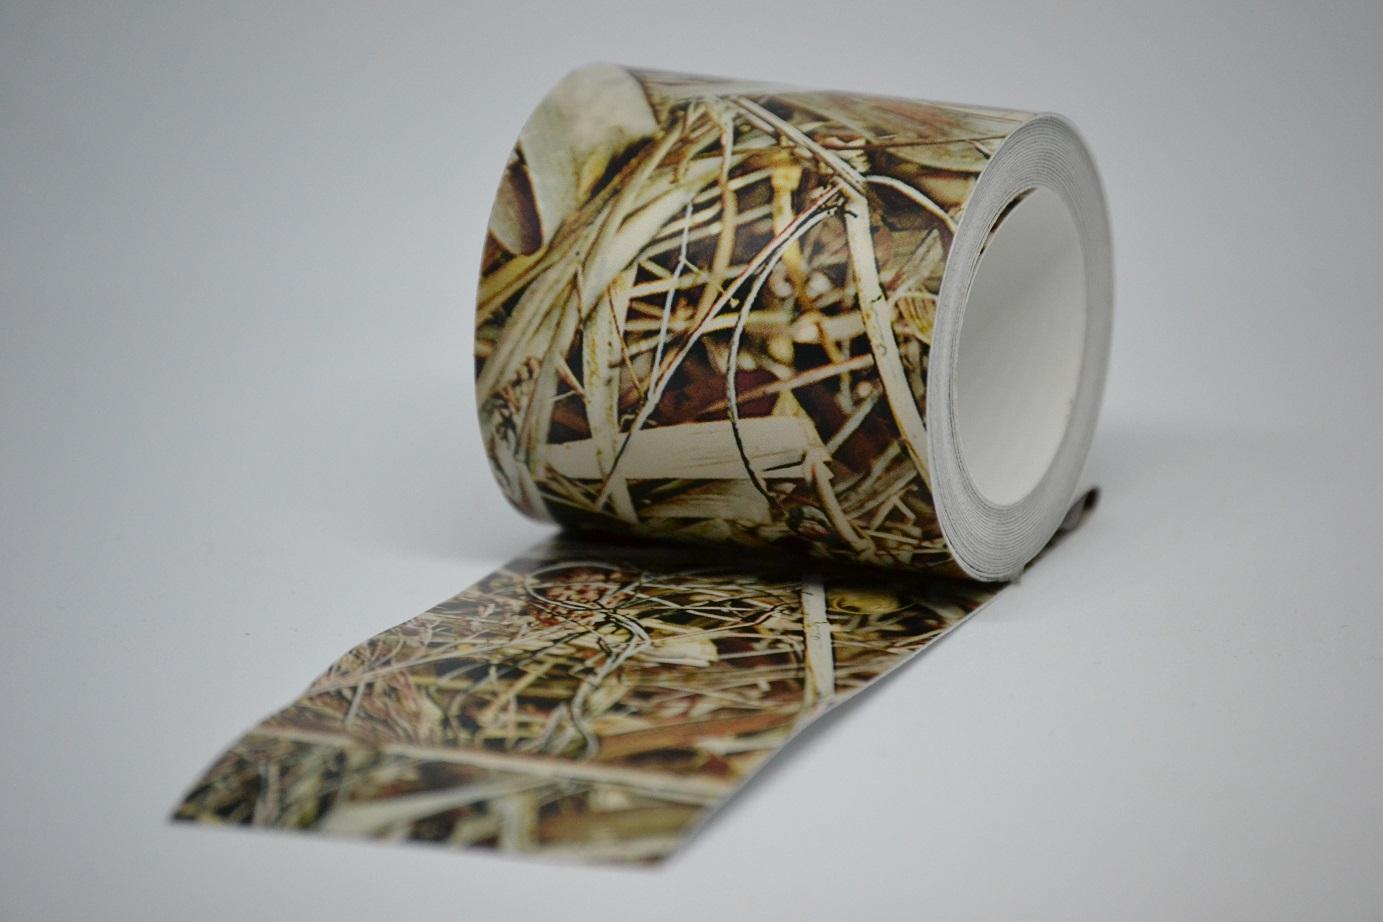 Lockschmiede – Camo Tape